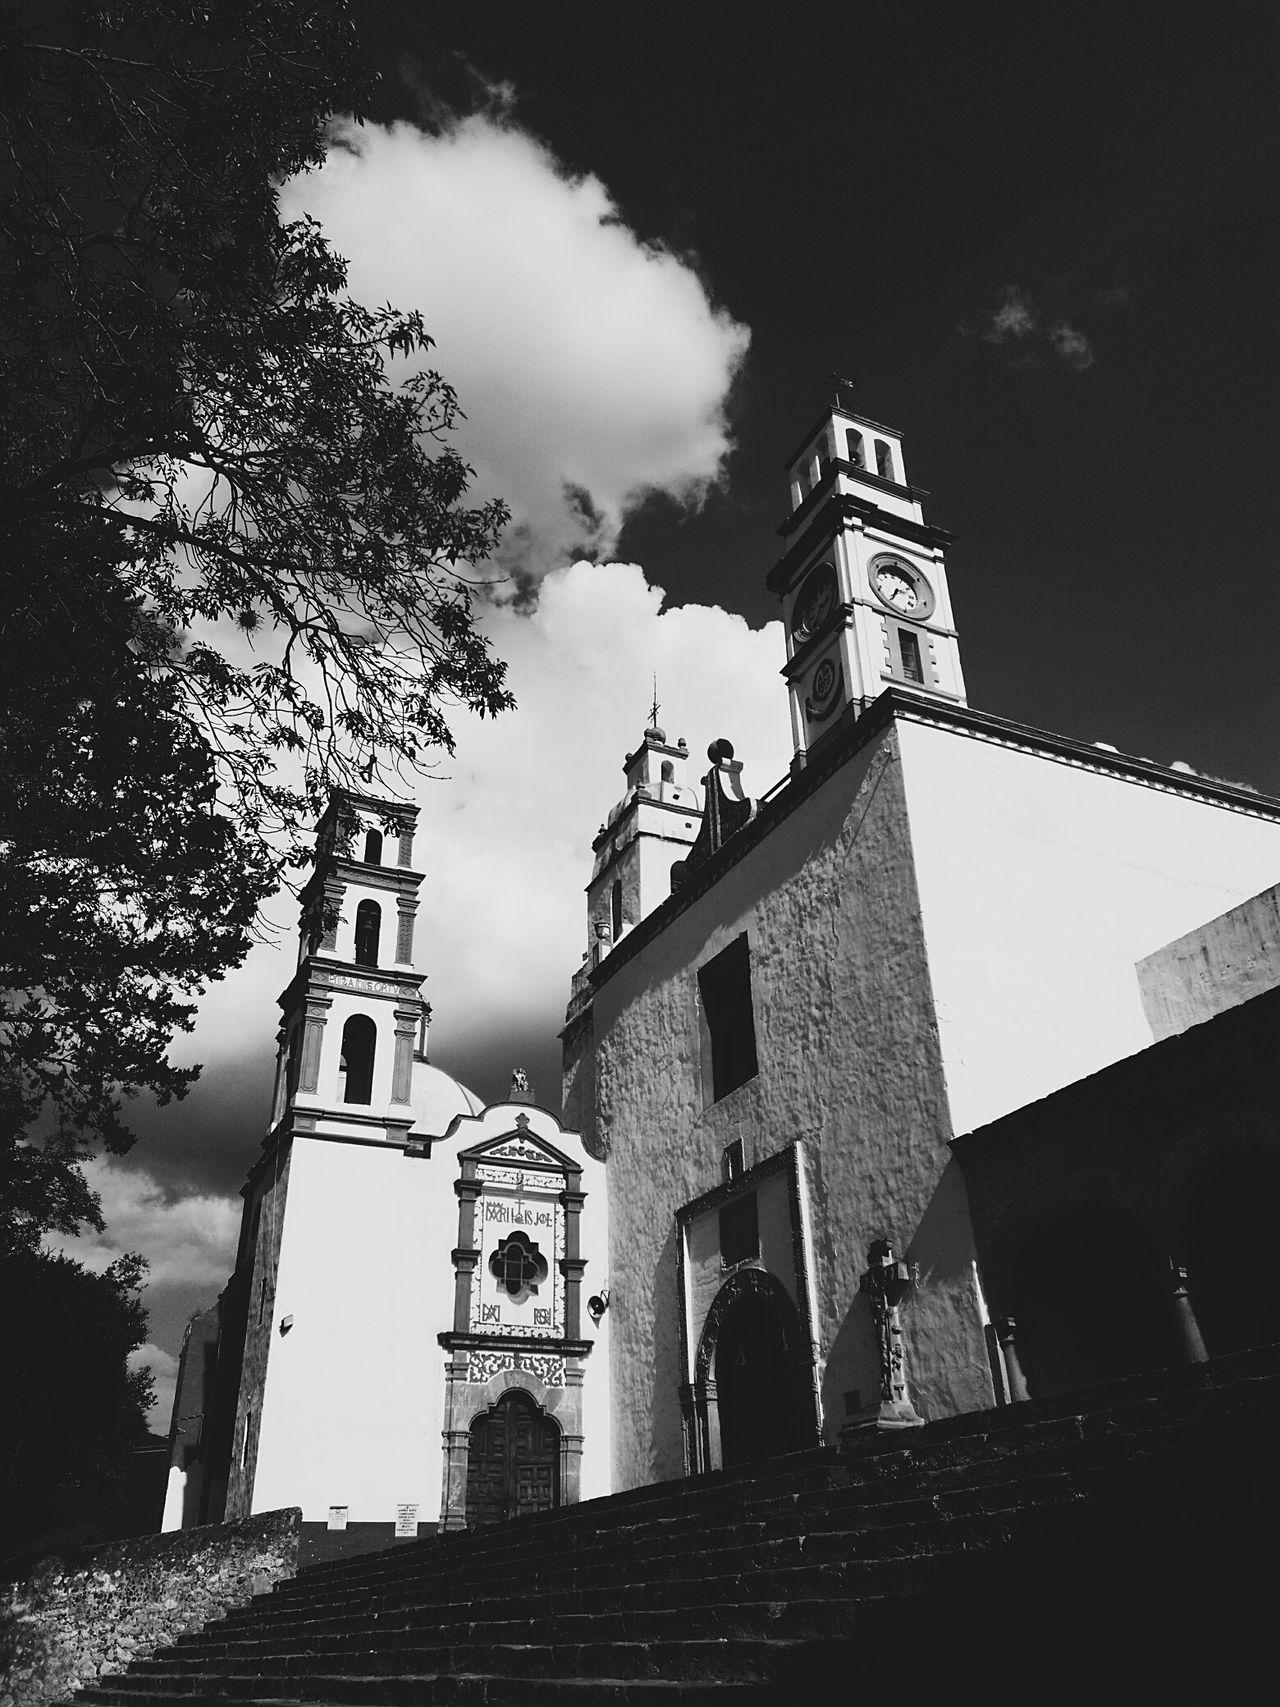 Yomochilero en Tepeapulco, Hidalgo [Templo y exconvento de San Francisco de Asís] NuevaEspaña